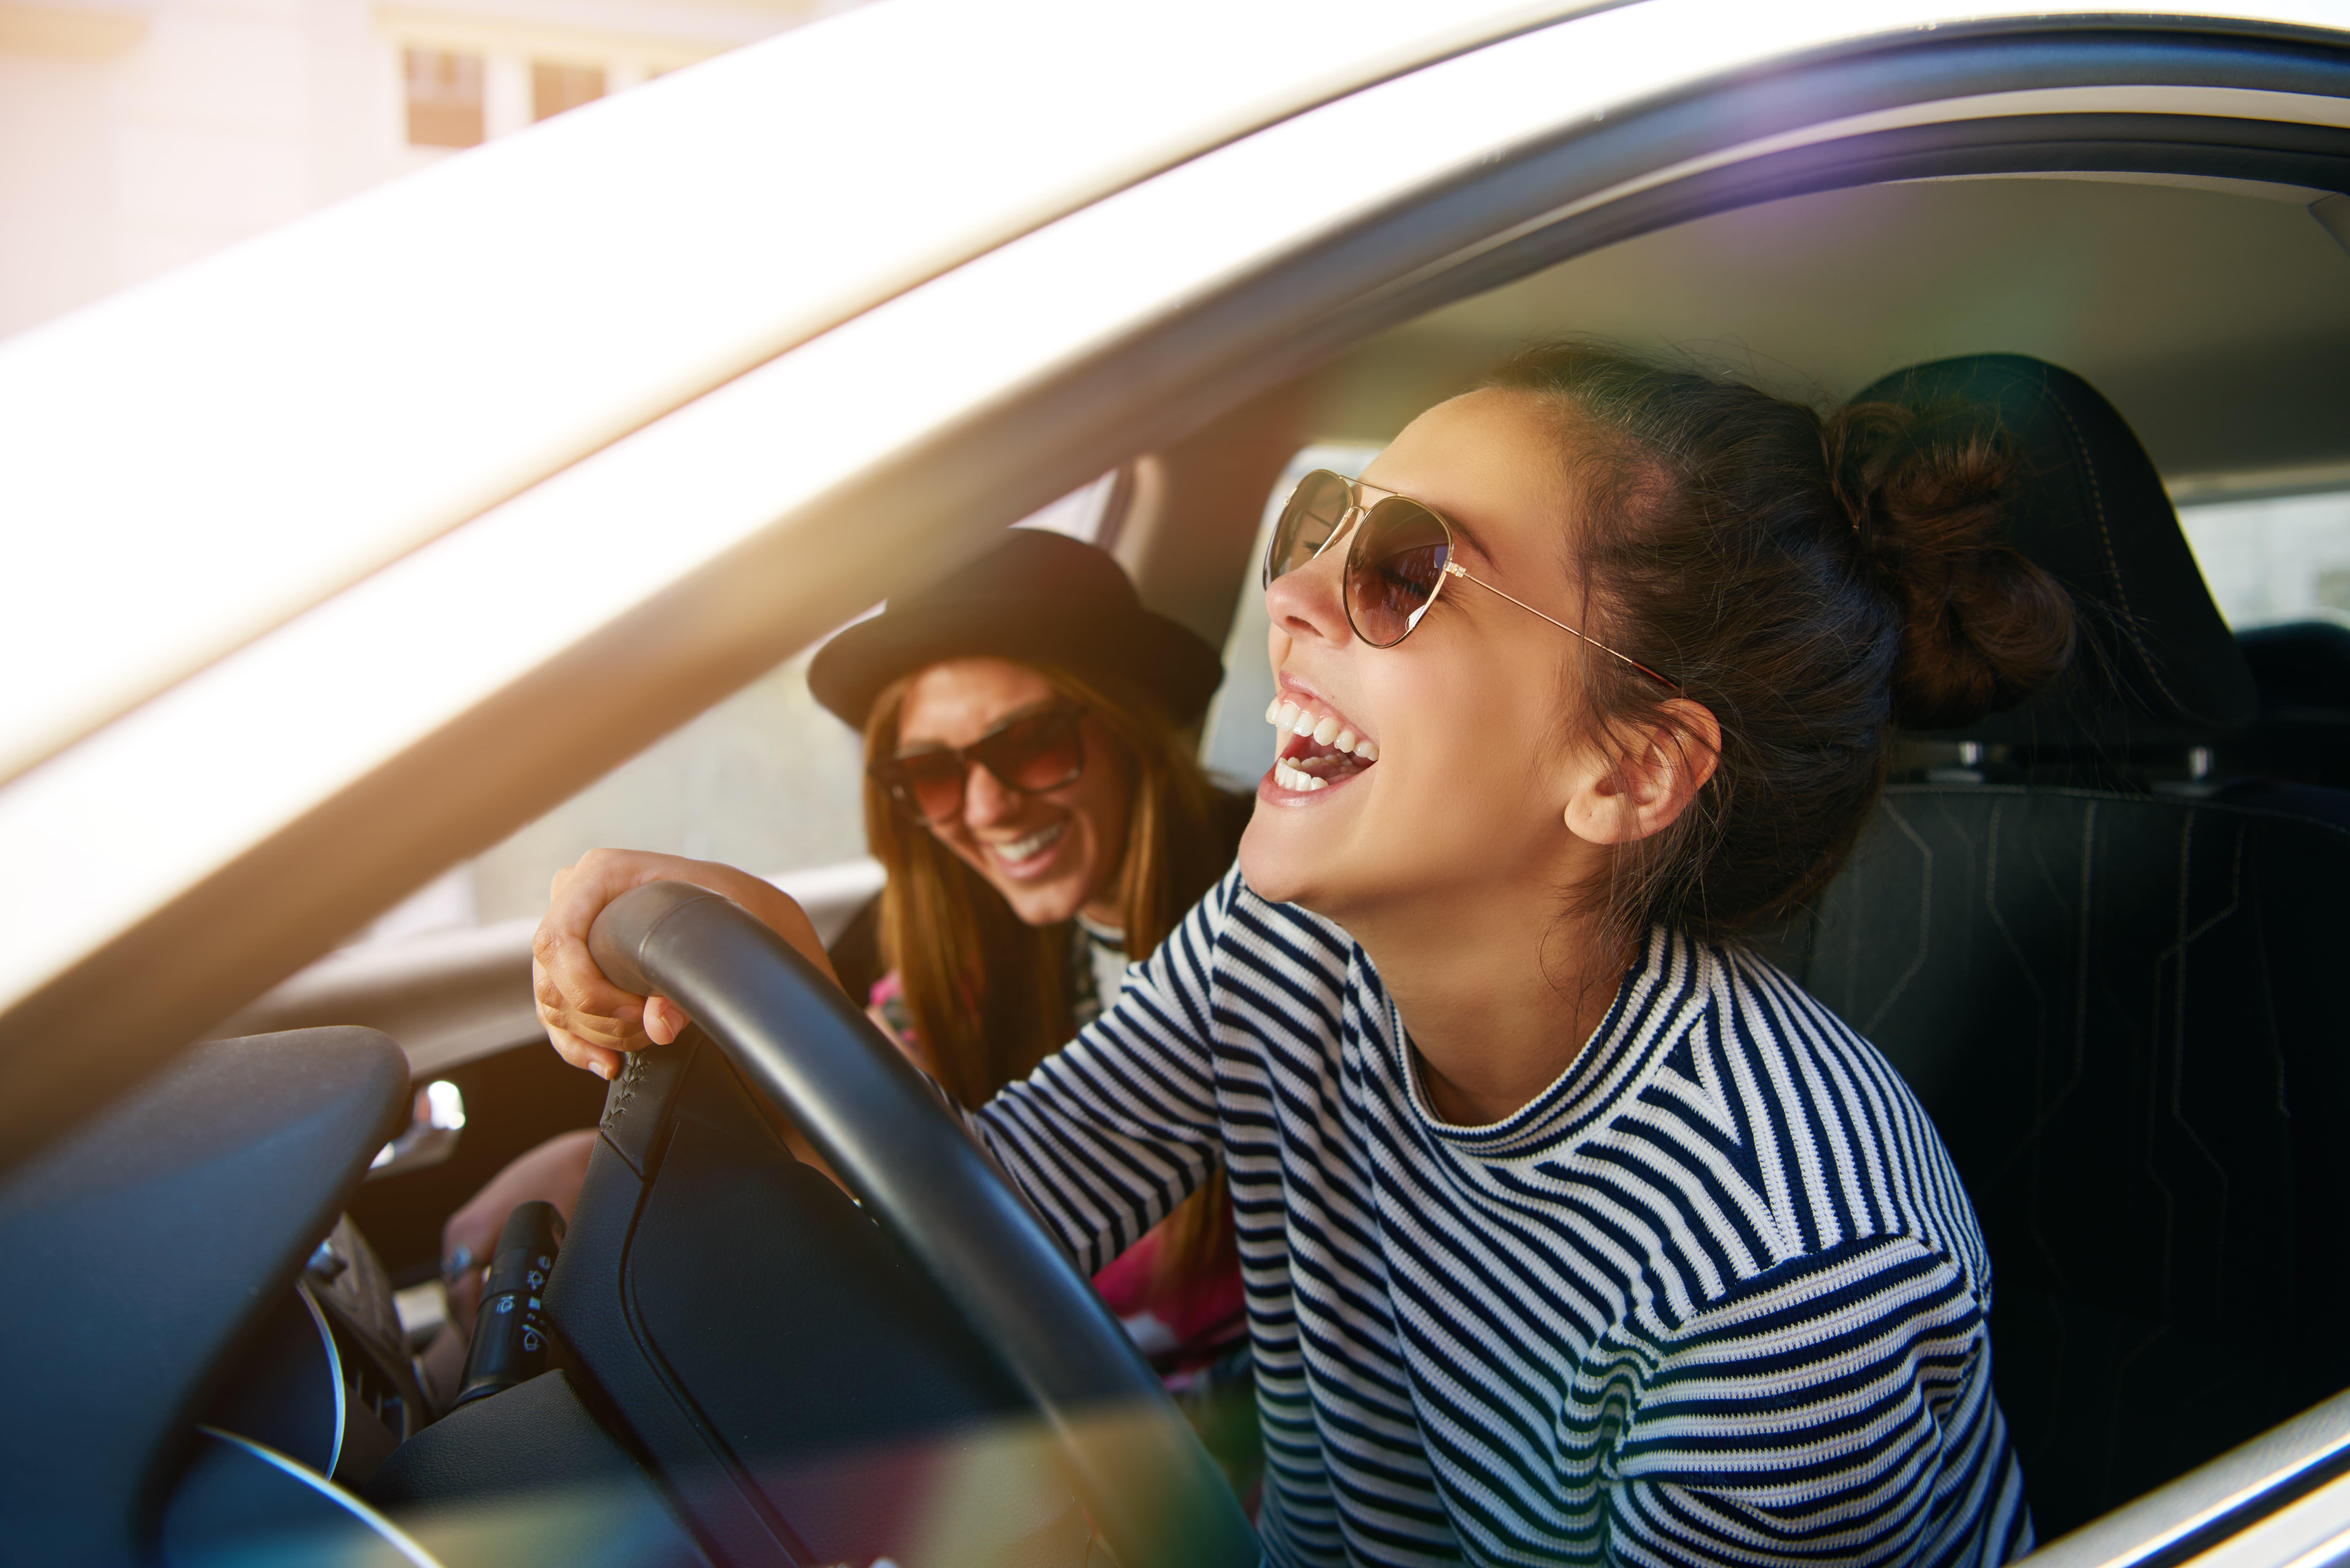 dos chicas con gafas de sol en un coche felices riendose y disfrutando del viaje trayecto